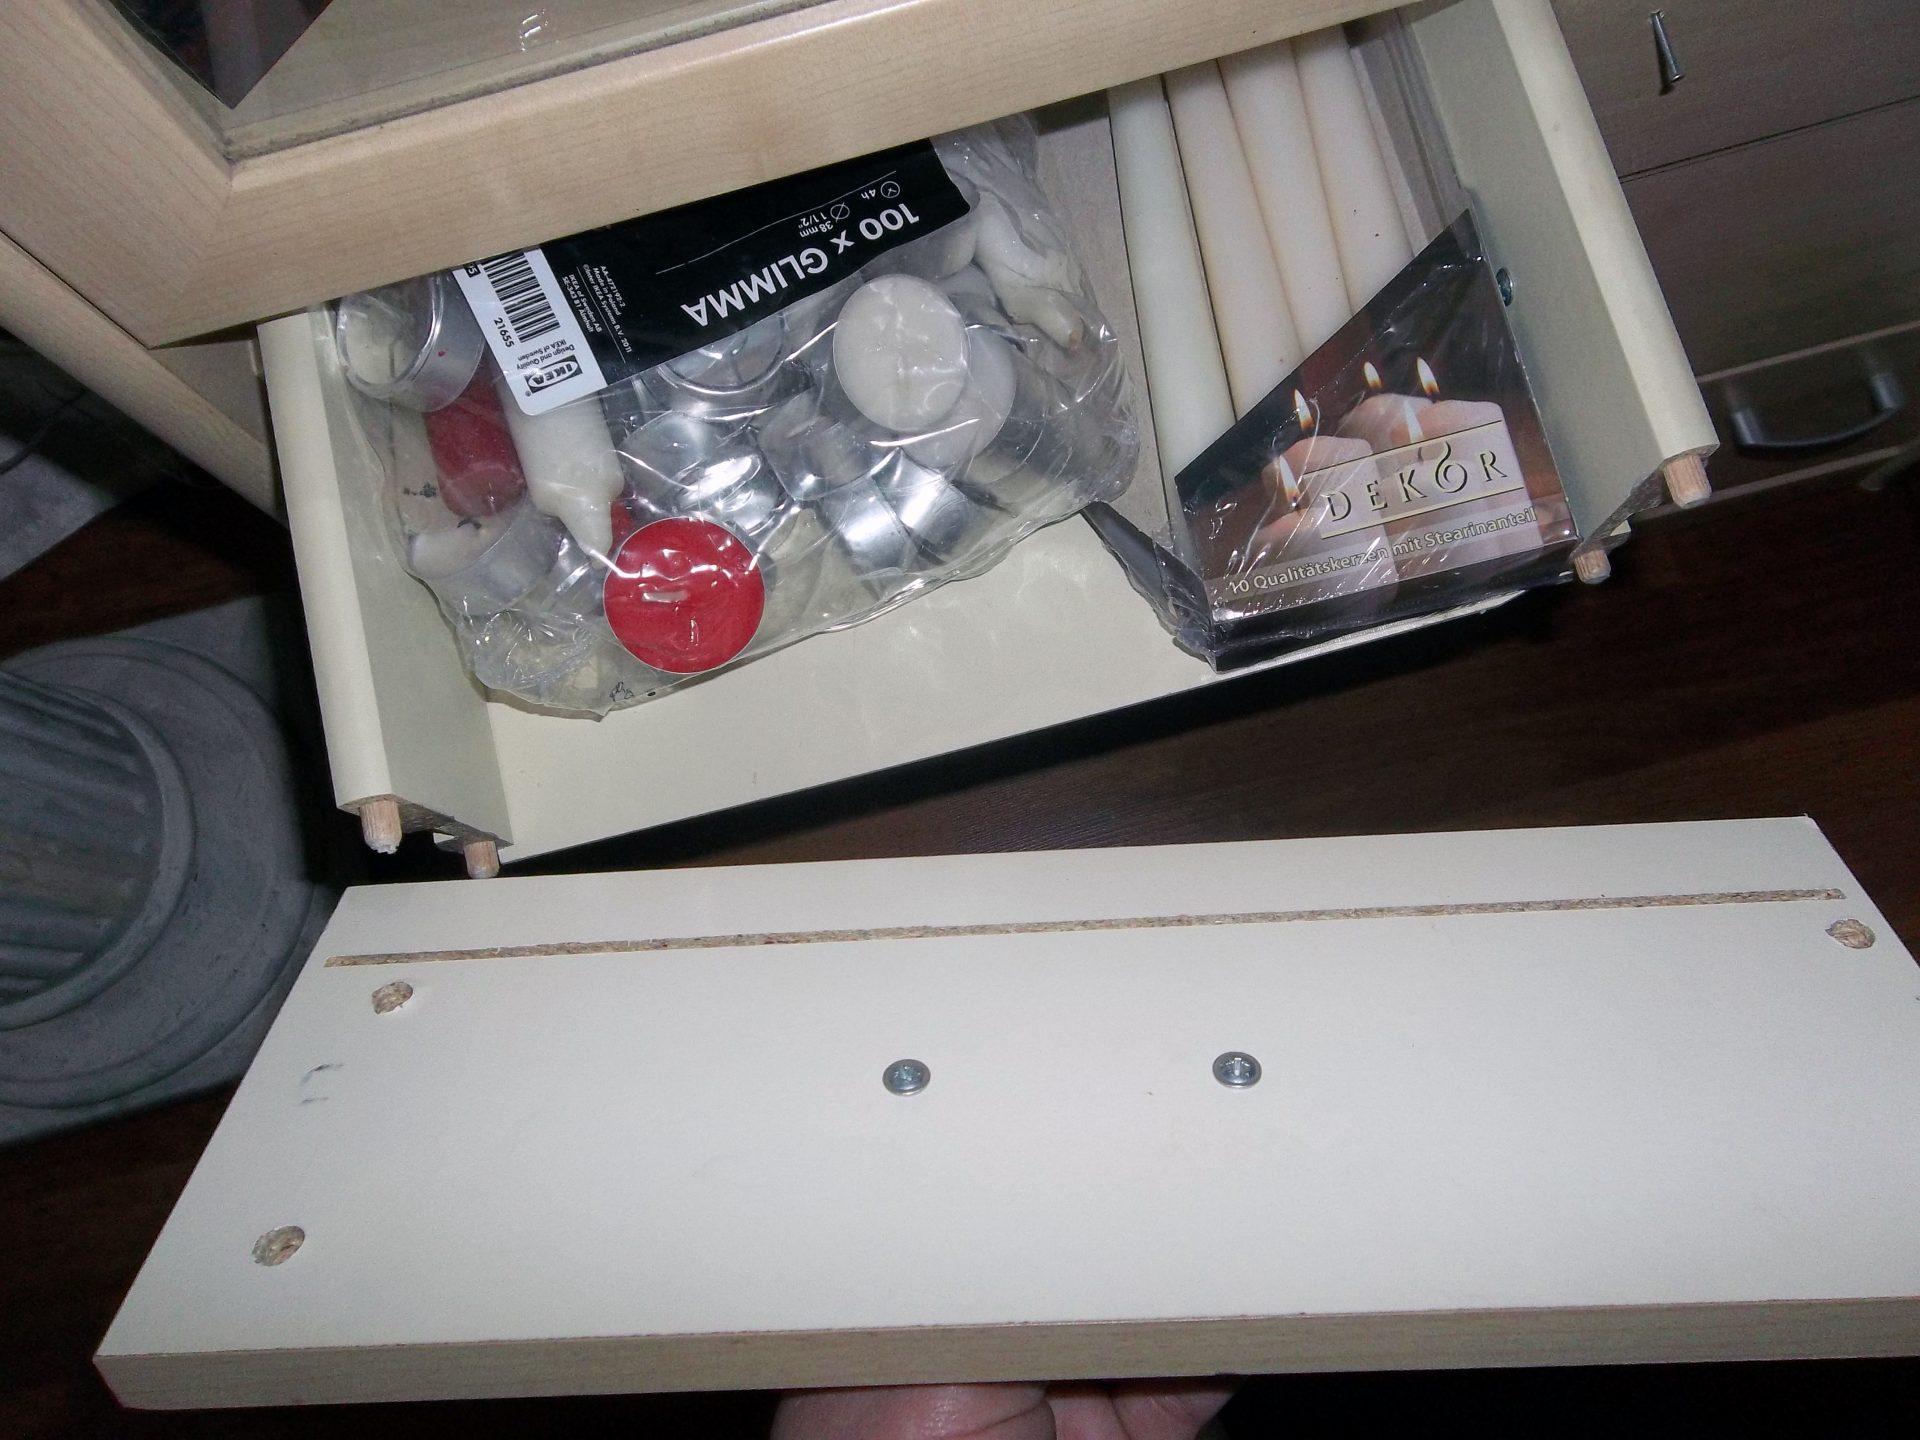 pattex kleben statt bohren testbericht von yvonne hallo frau das informationsportal f r frauen. Black Bedroom Furniture Sets. Home Design Ideas